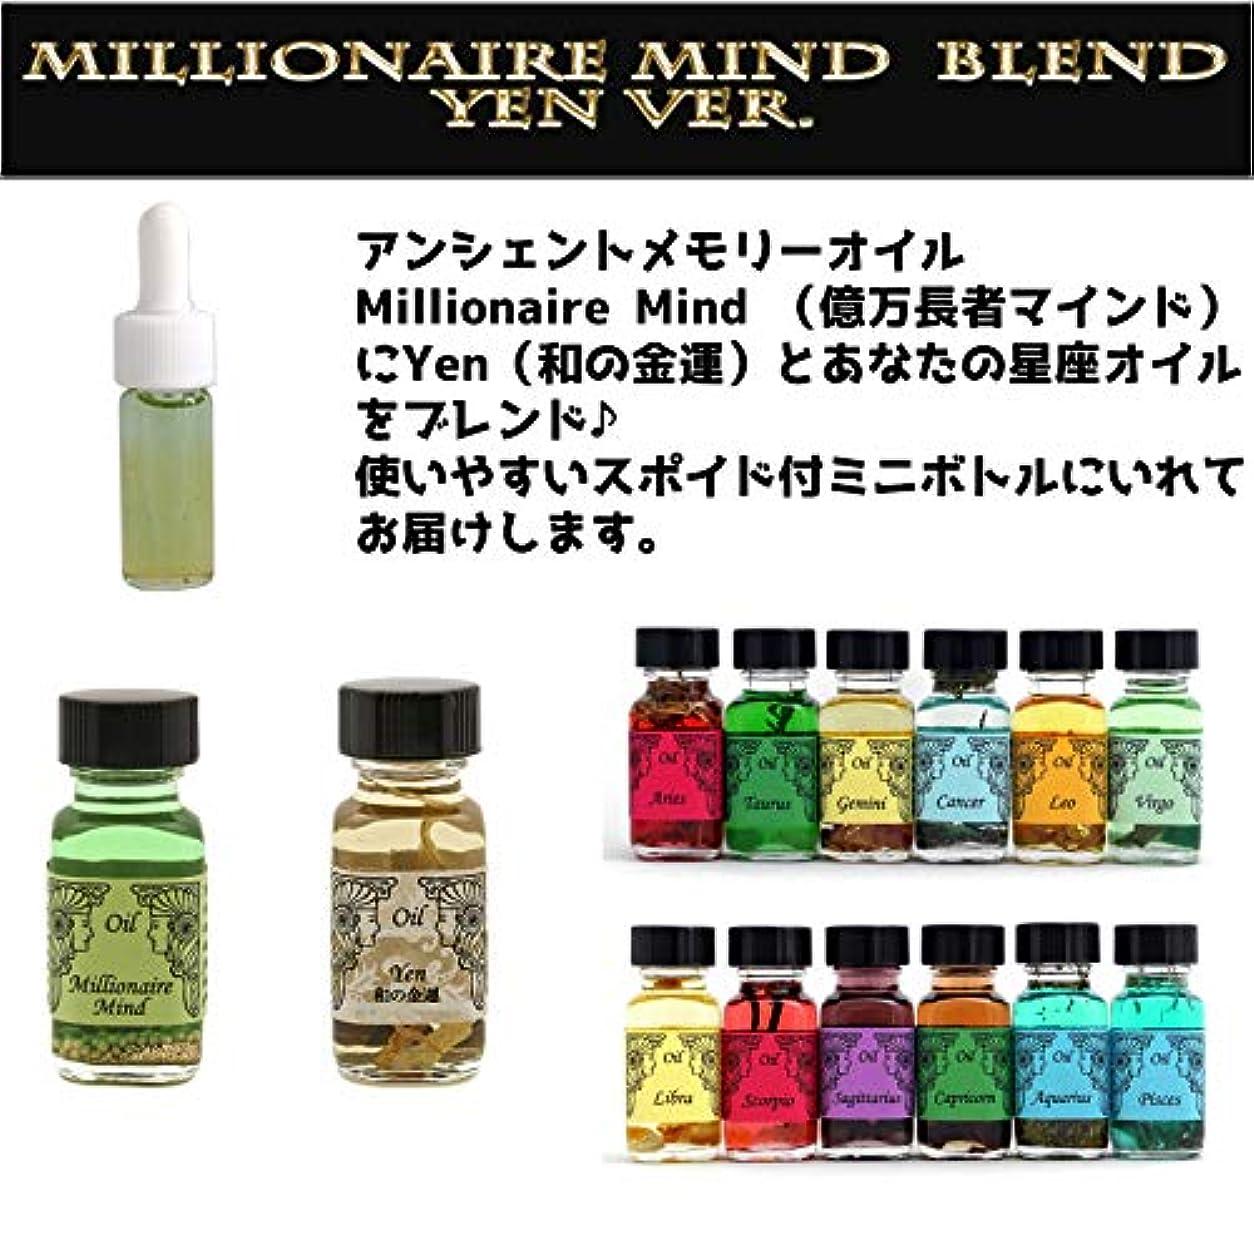 共感する資本恋人アンシェントメモリーオイル Millionaire Mind 億万長者マインド ブレンド【Yen 和の金運&おうし座】